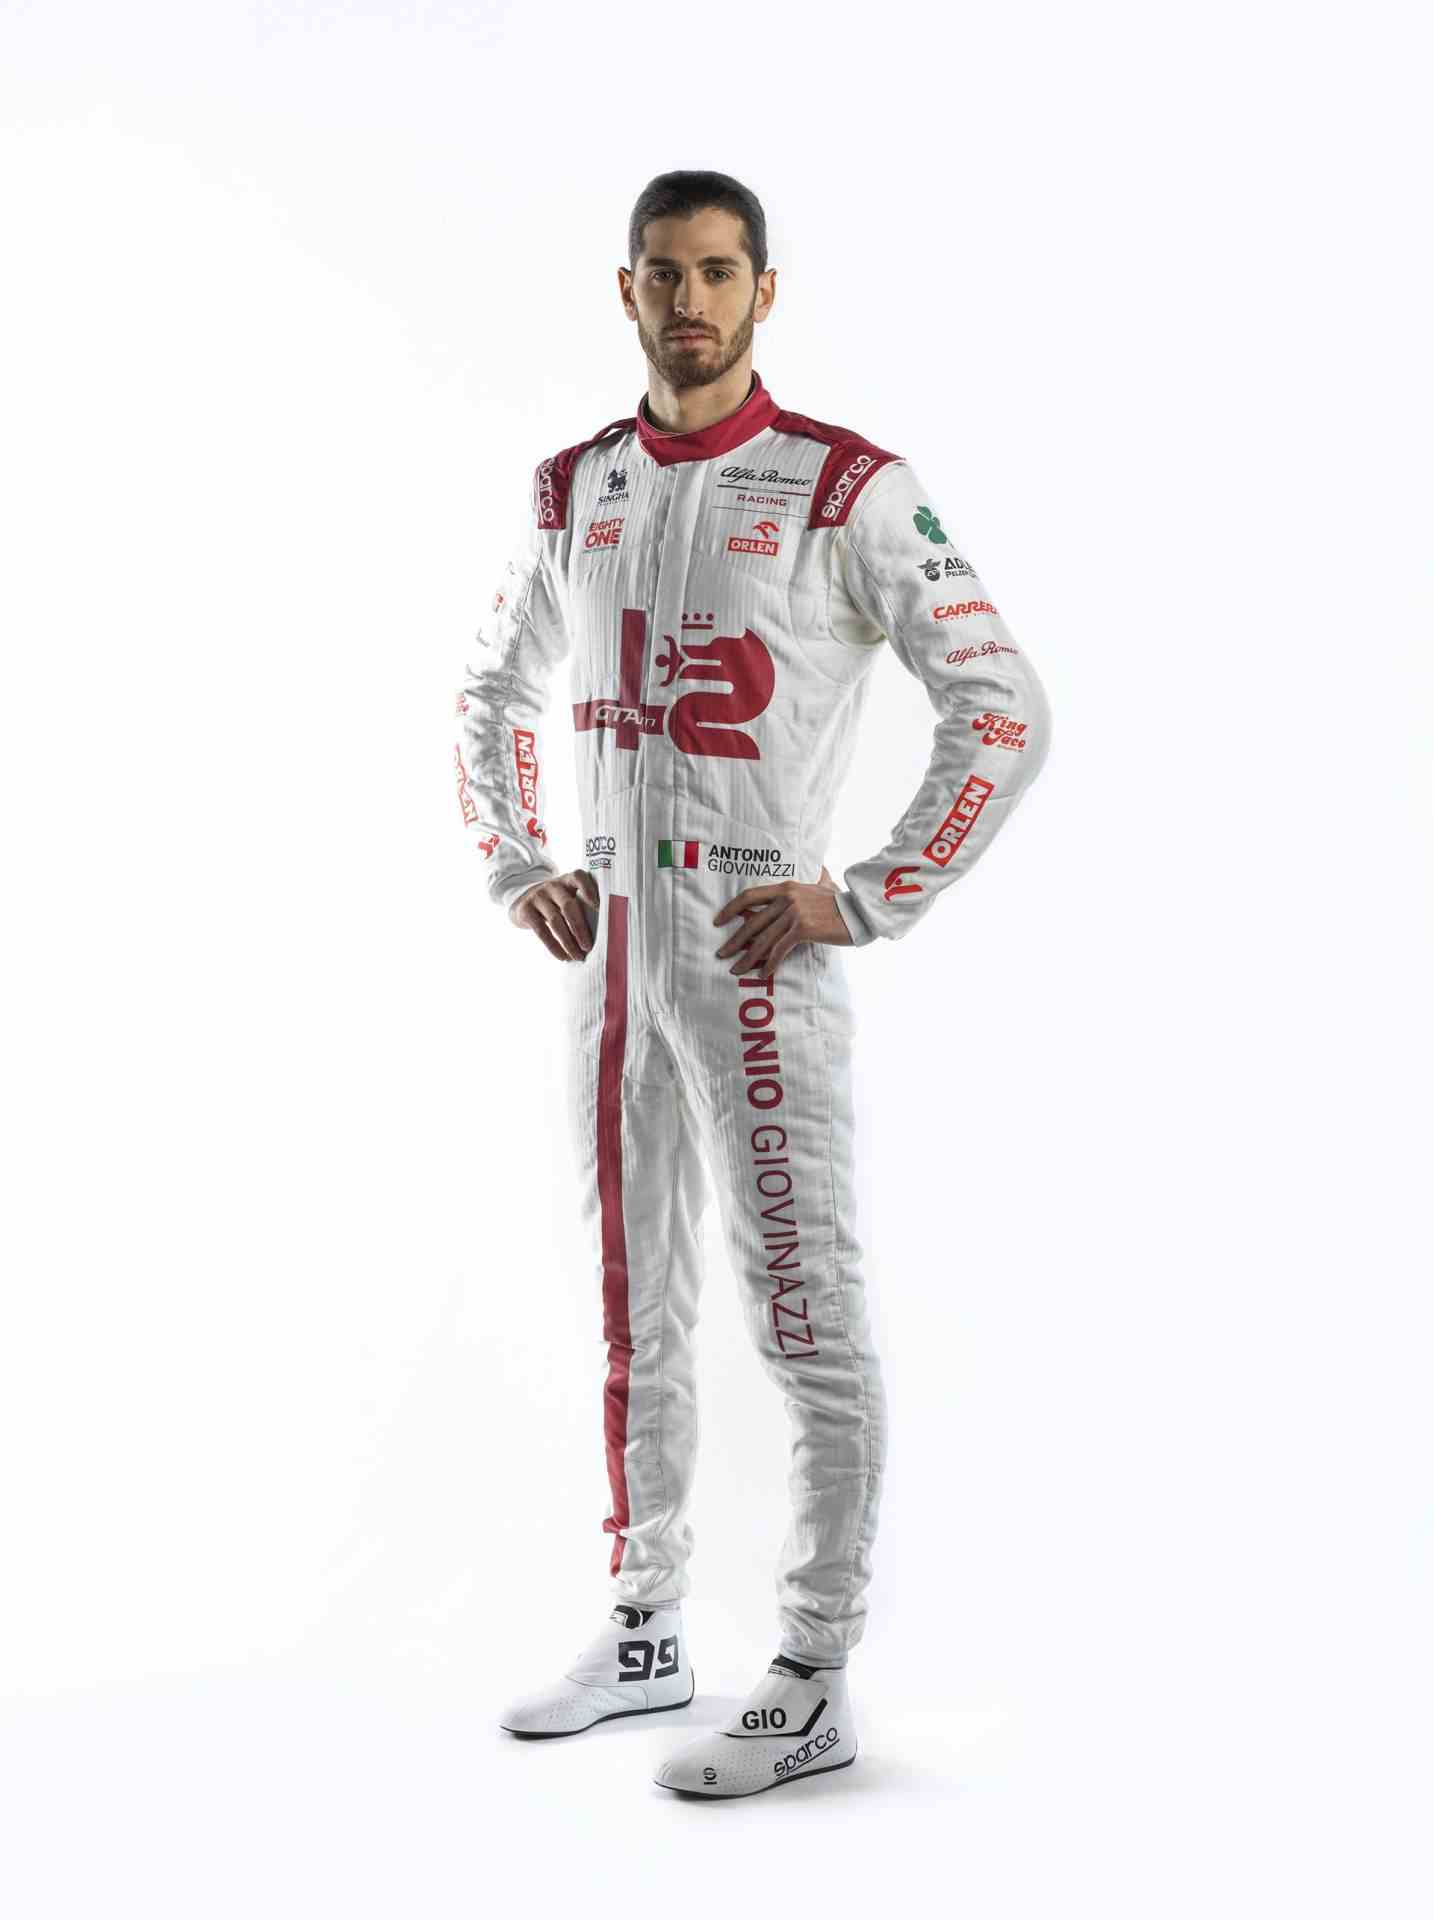 Antonio-Giovinazzi-Race-Suit-1